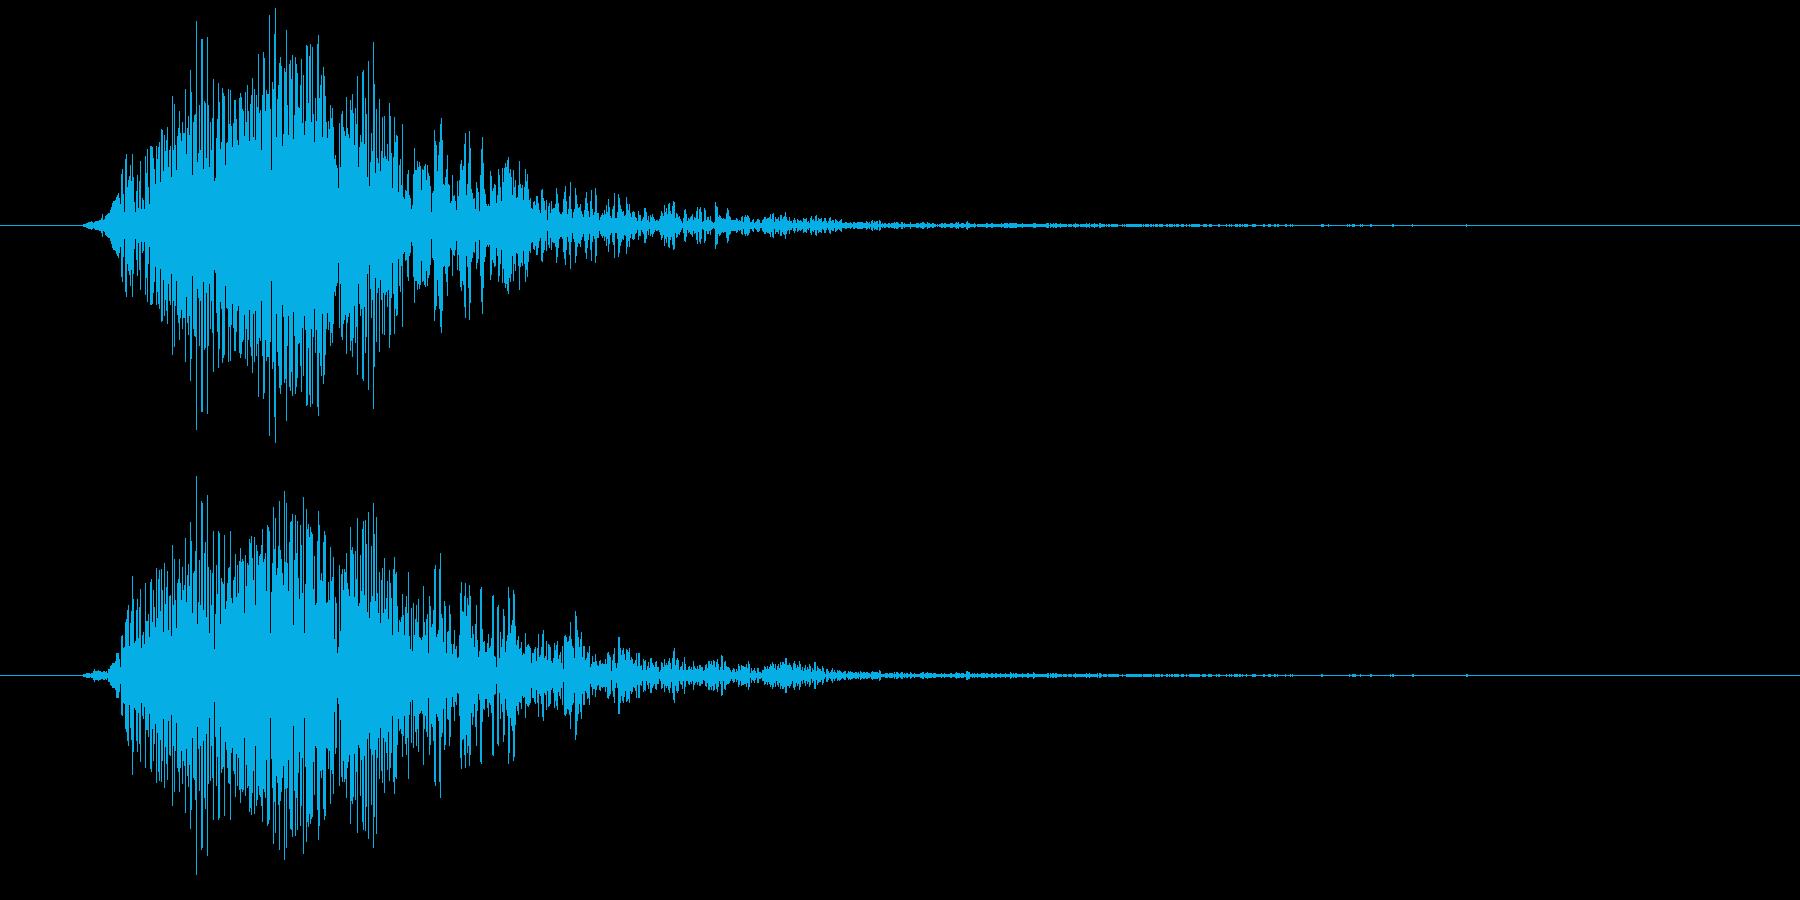 カリフォルニアアシカ(高めの声)の再生済みの波形